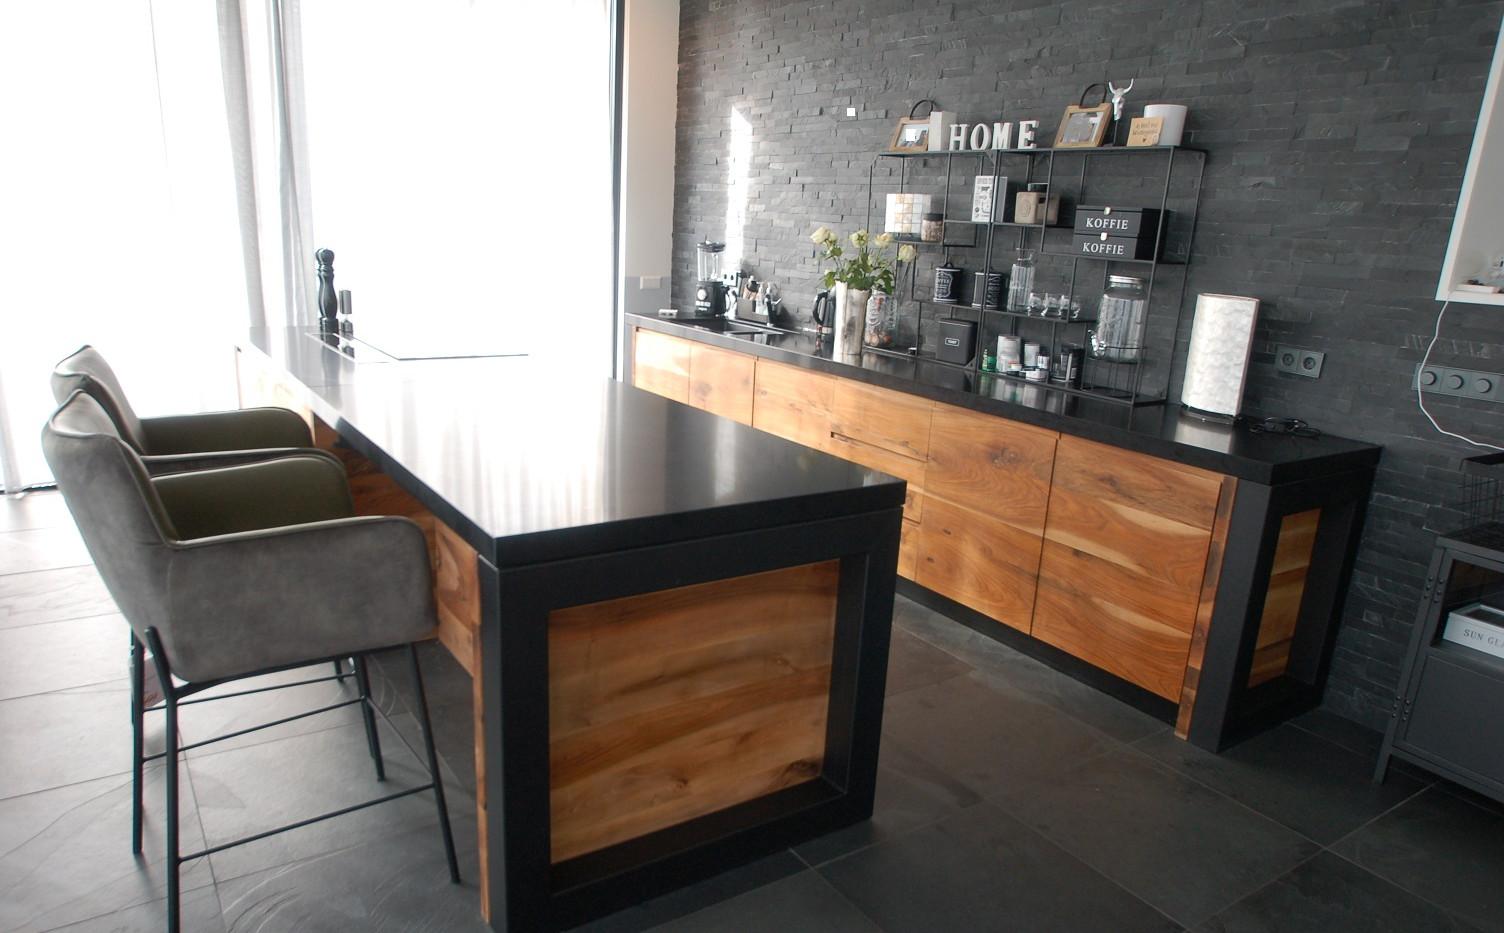 Keuken kompleet, walnoot in olie, stalen p